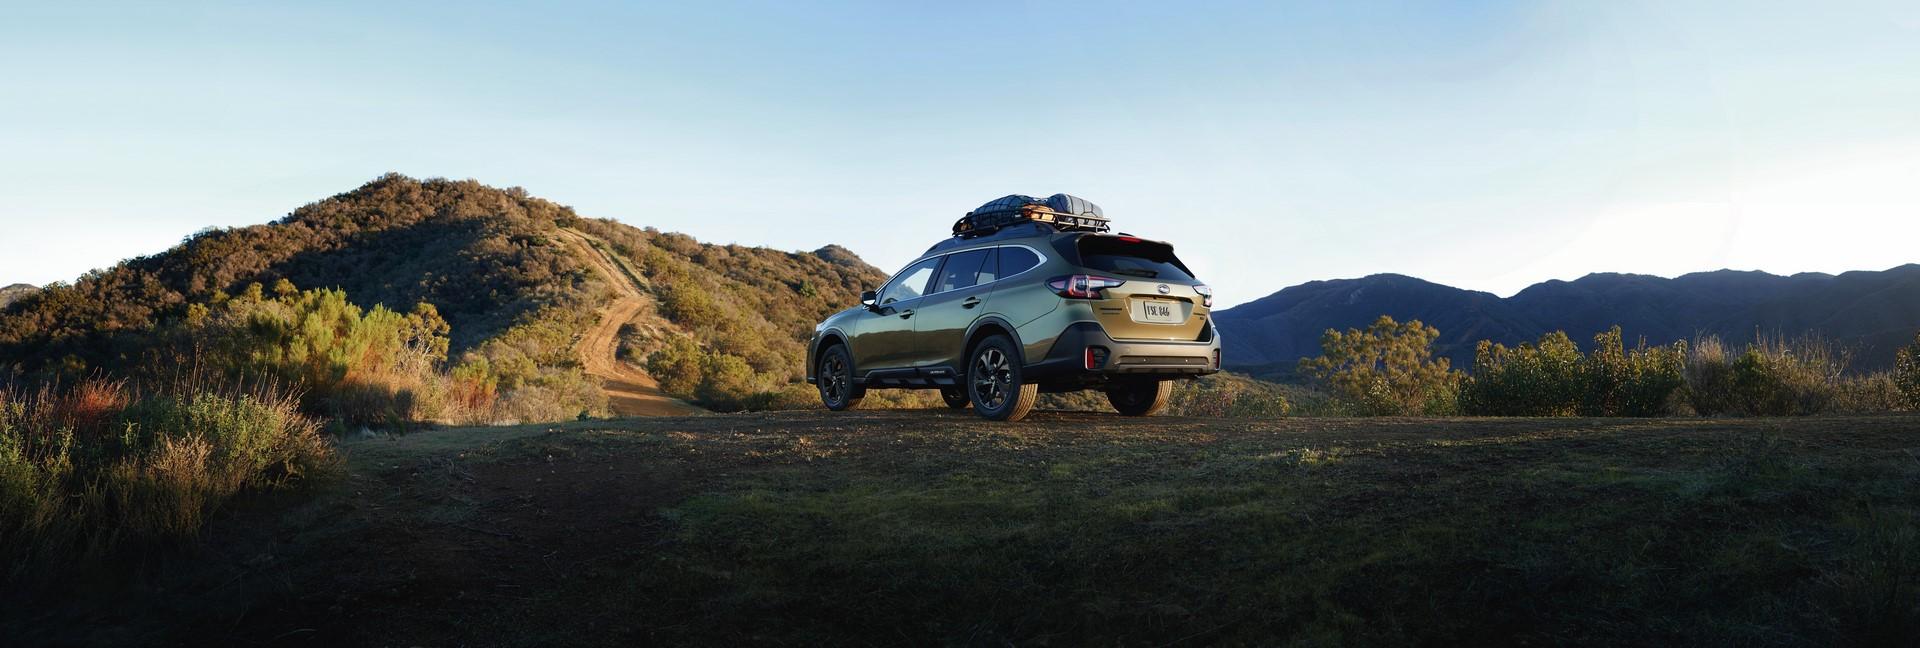 Subaru-Outback-2020-14